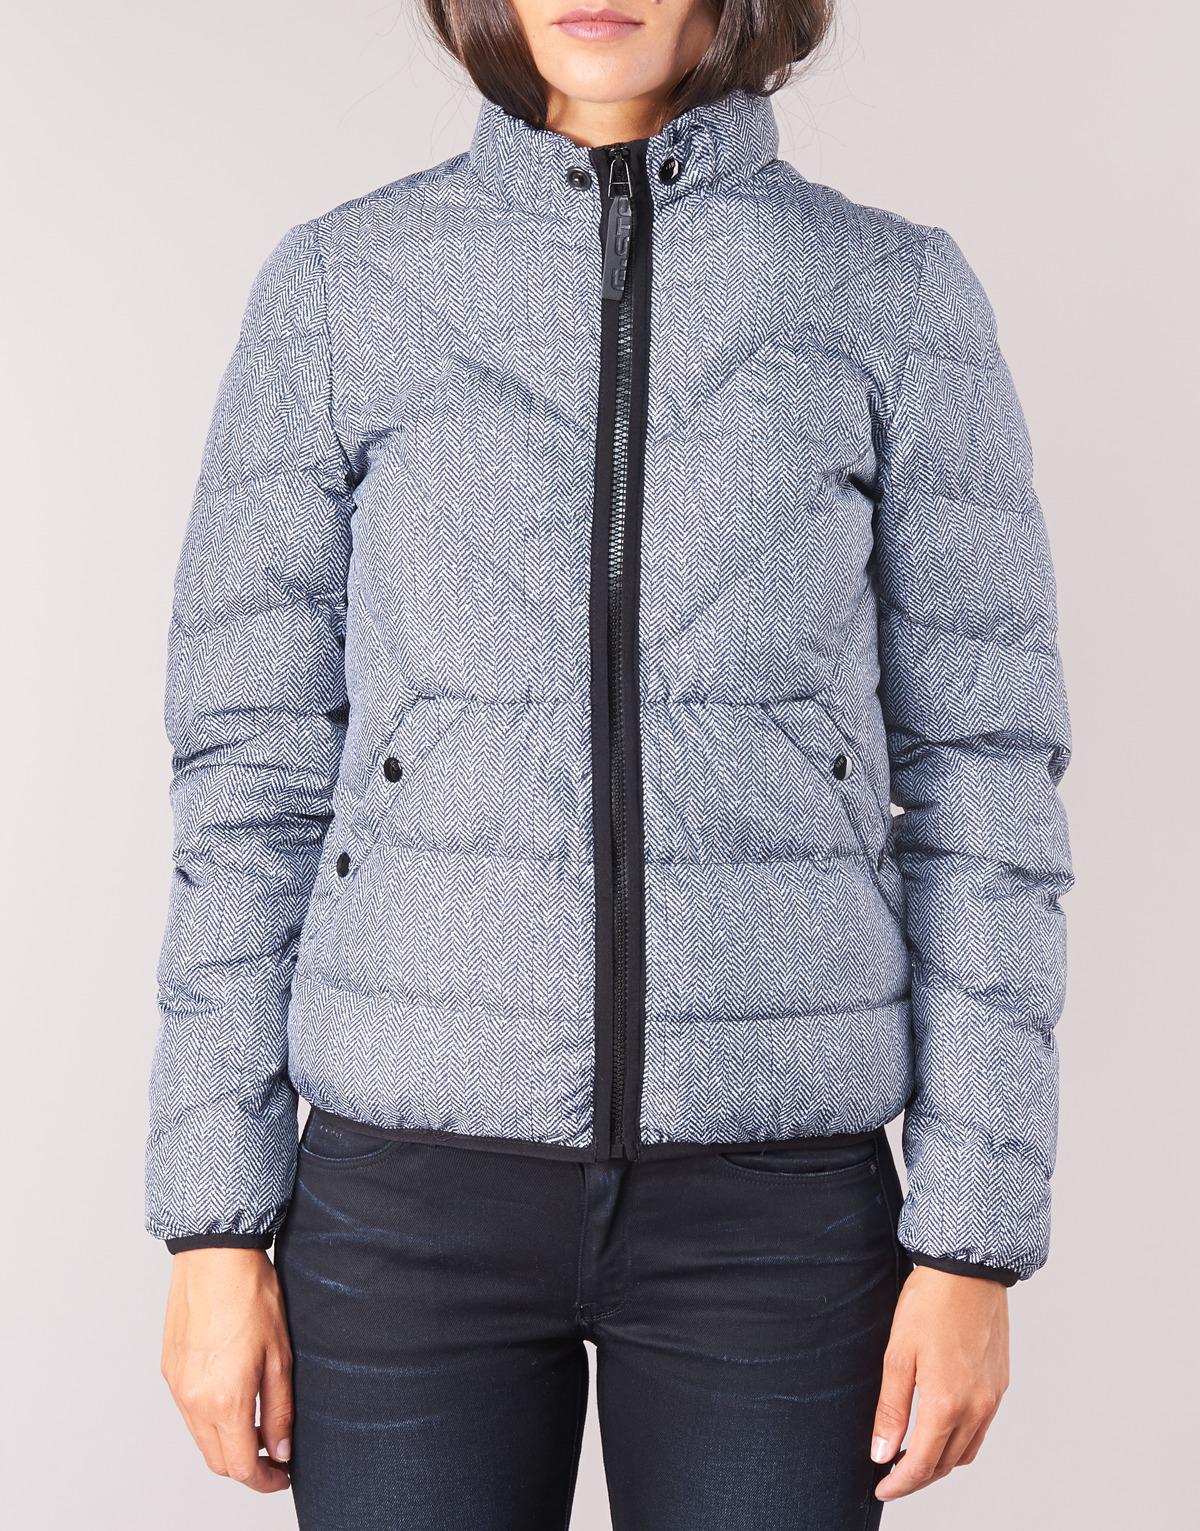 Strett Qlt Jacket Jacket